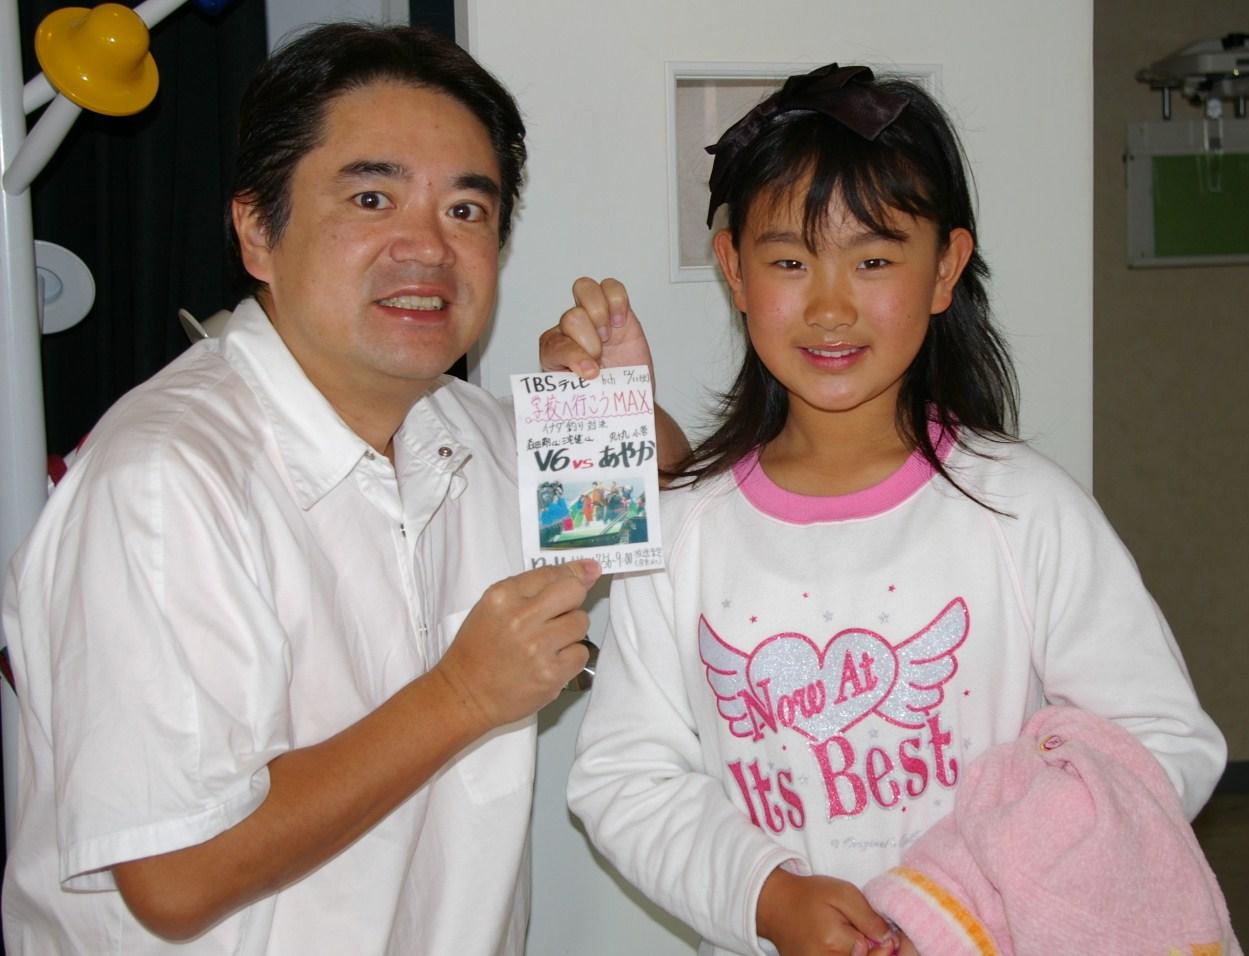 女子小学 エロ 三浦・小6女子の小菅綾香さん、沖縄で初挑戦 /神奈川 そ、そんな大きなマグロを一人で釣り上げるなんて、どういう女の子だっ!きっとヒデヨシみたいな(お 。